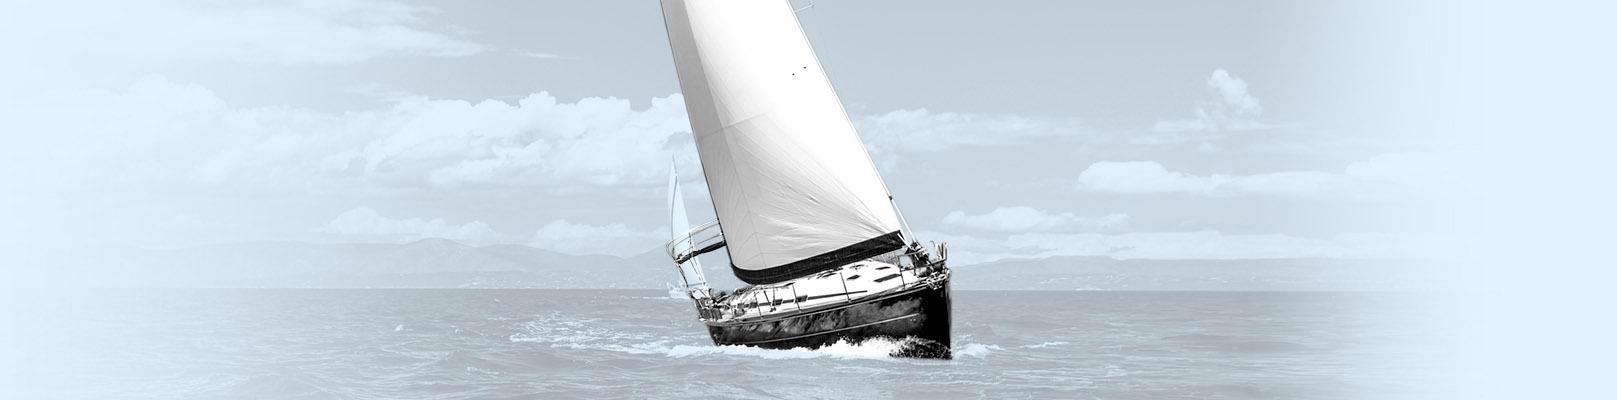 Un voilier au large